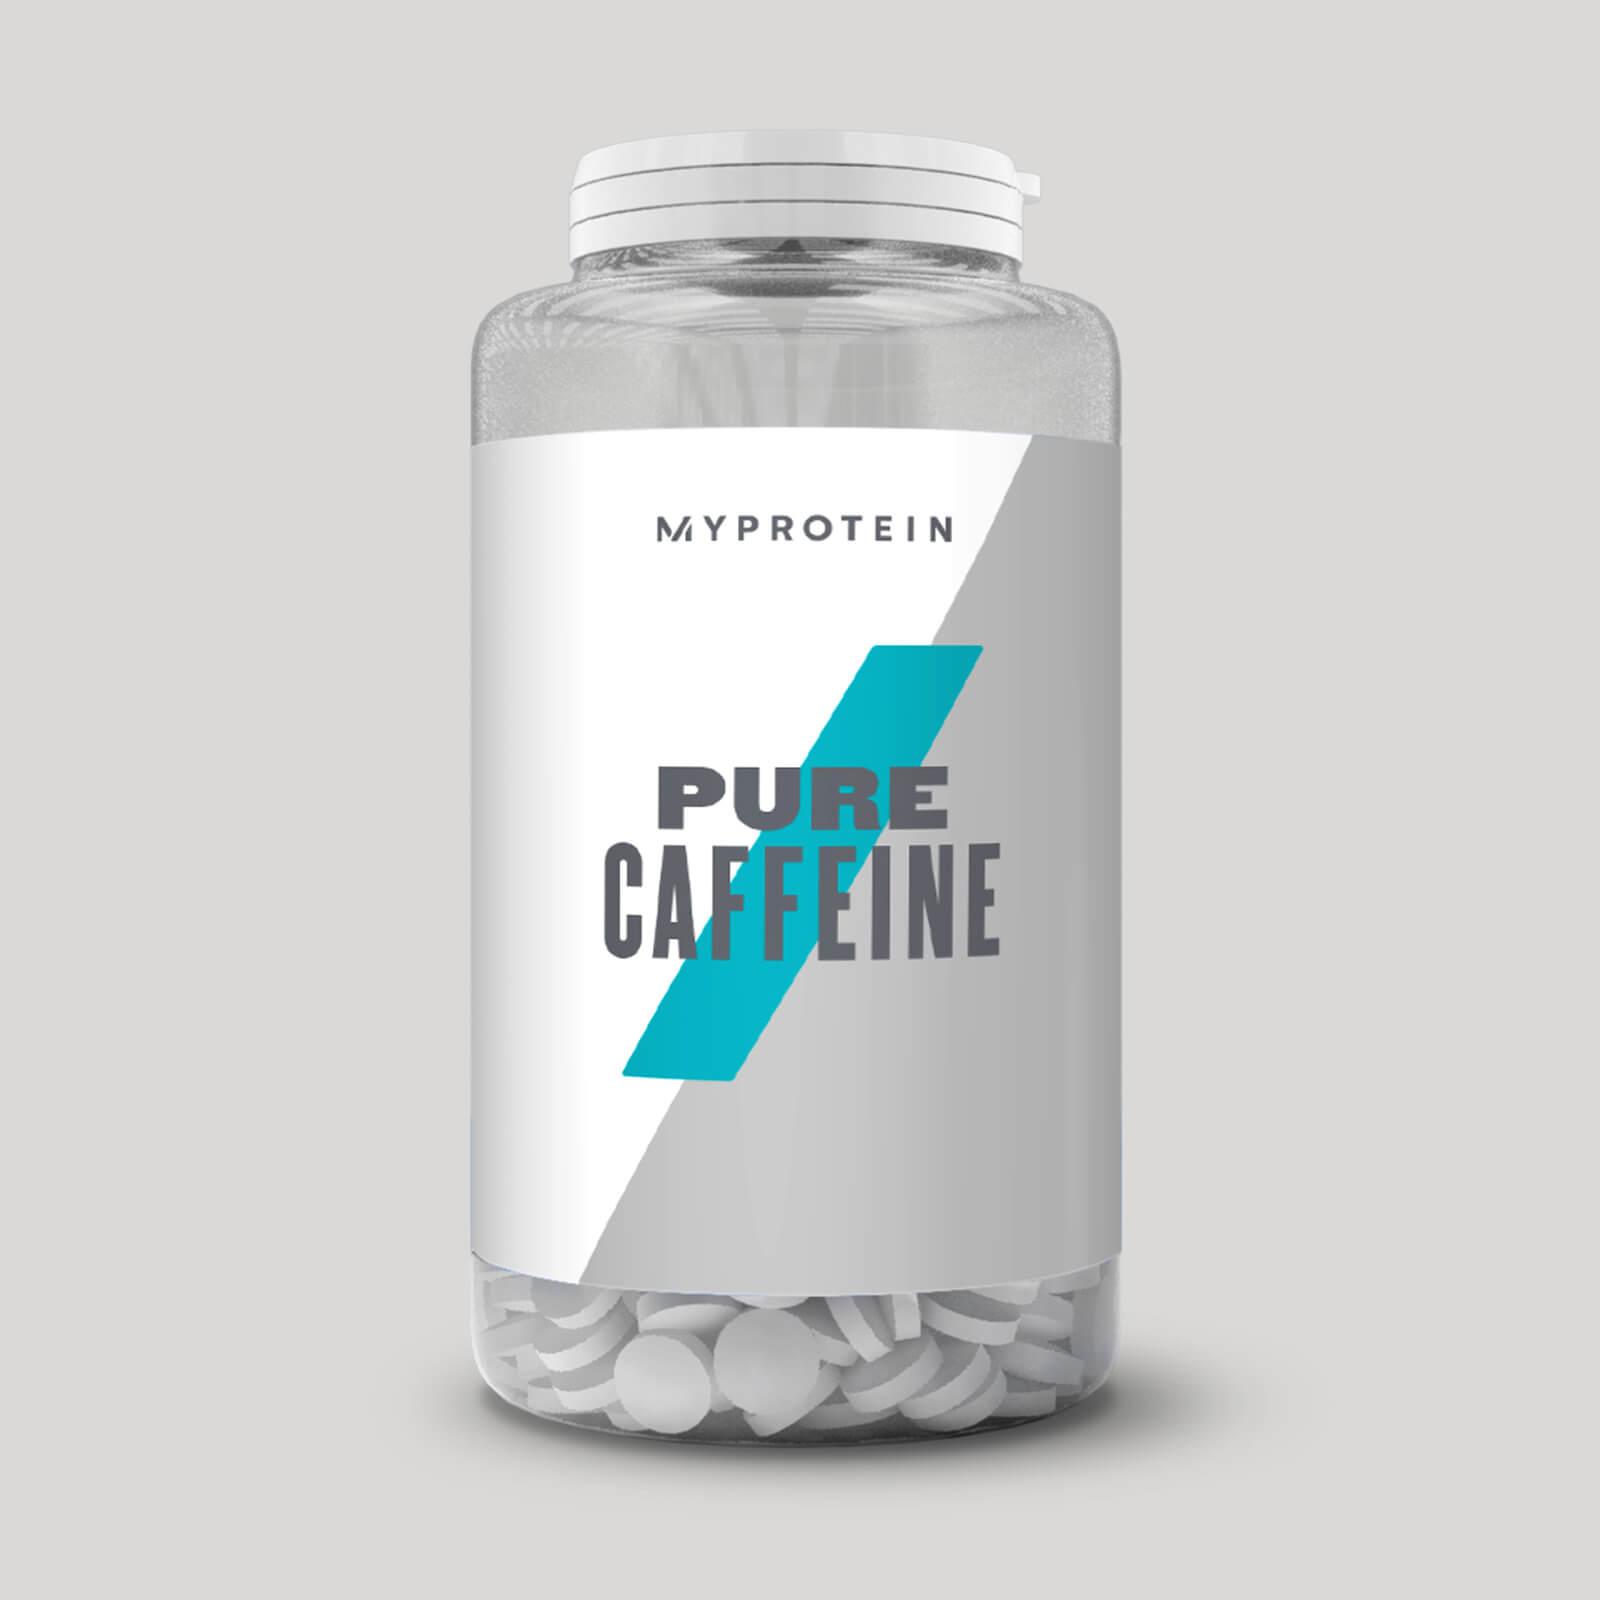 Beste cafeïne tabletten